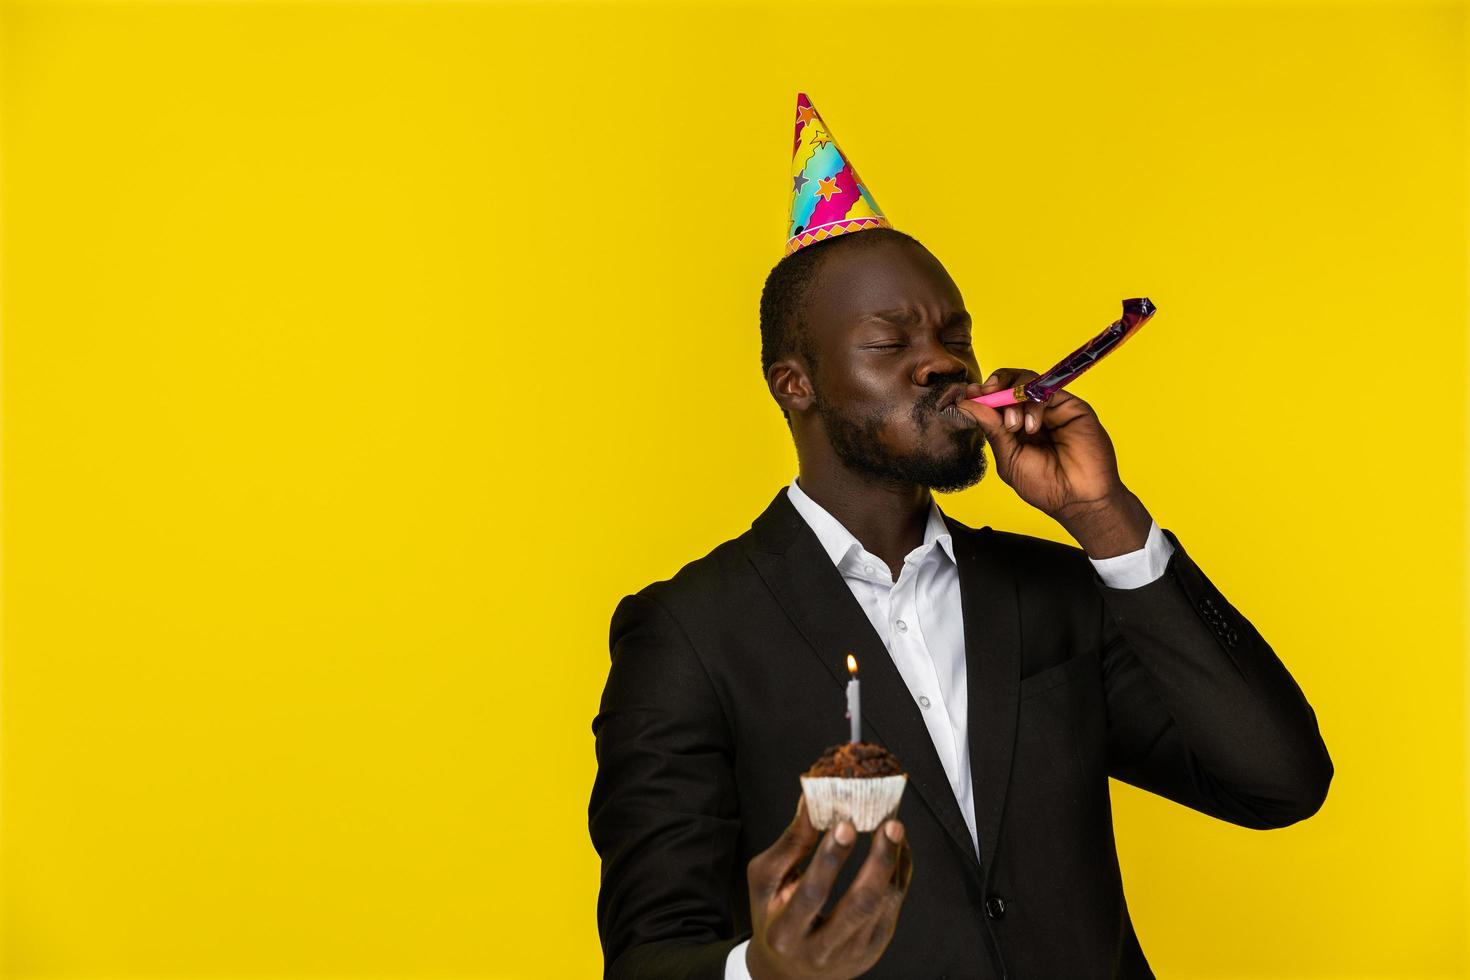 homme célébrant avec un petit gâteau photo